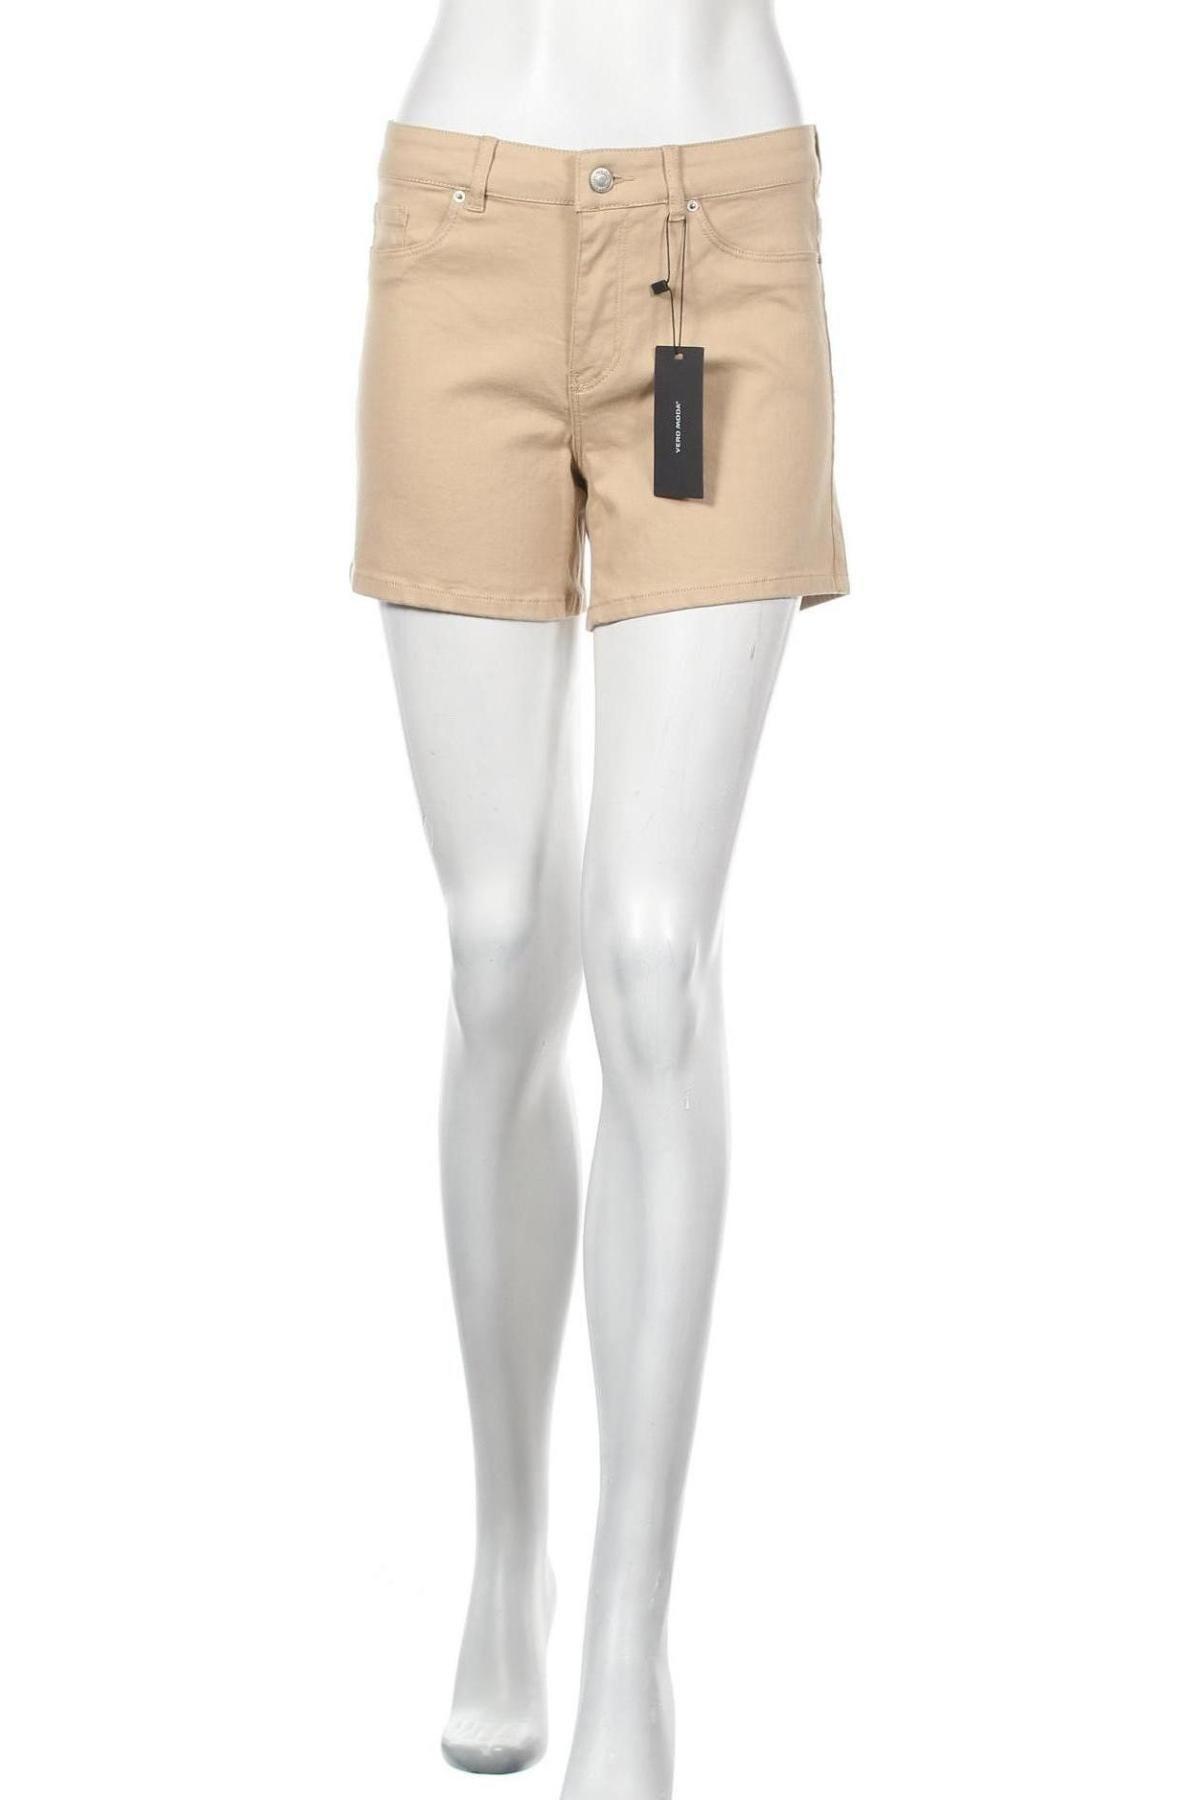 Γυναικείο κοντό παντελόνι Vero Moda, Μέγεθος S, Χρώμα  Μπέζ, 82% βαμβάκι, 16% βισκόζη, 2% ελαστάνη, Τιμή 16,70€